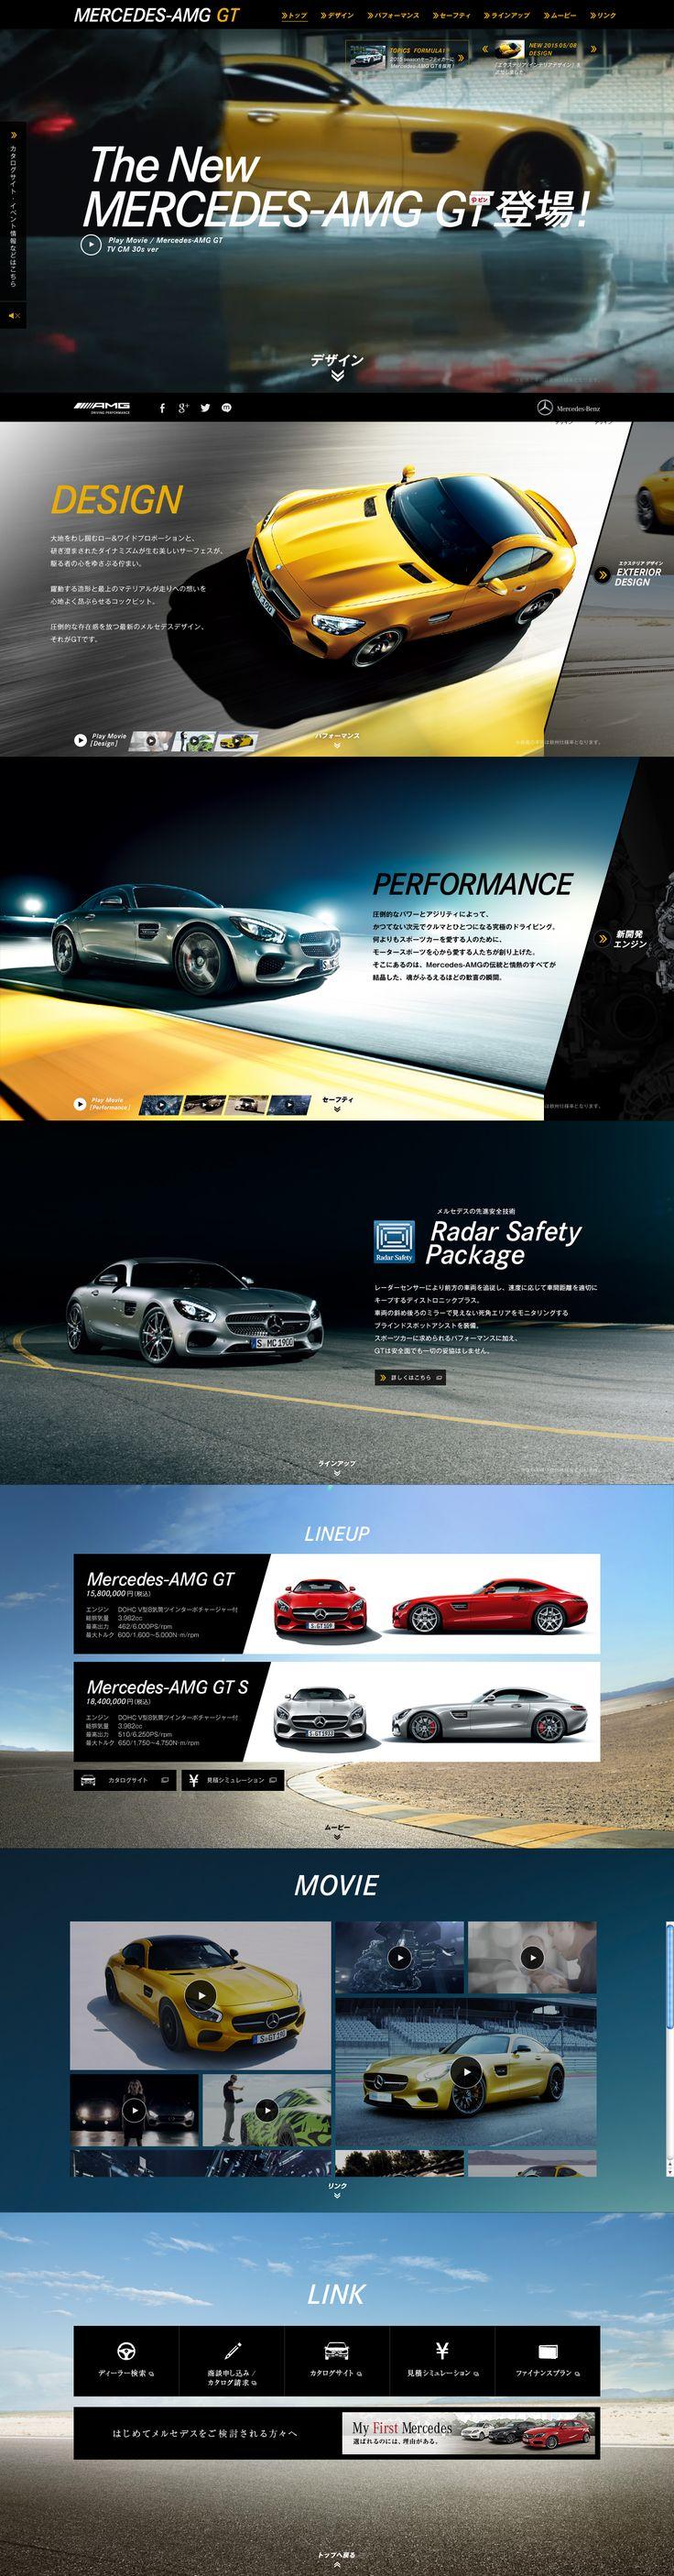 http://bestwebdesigner.comoj.com/